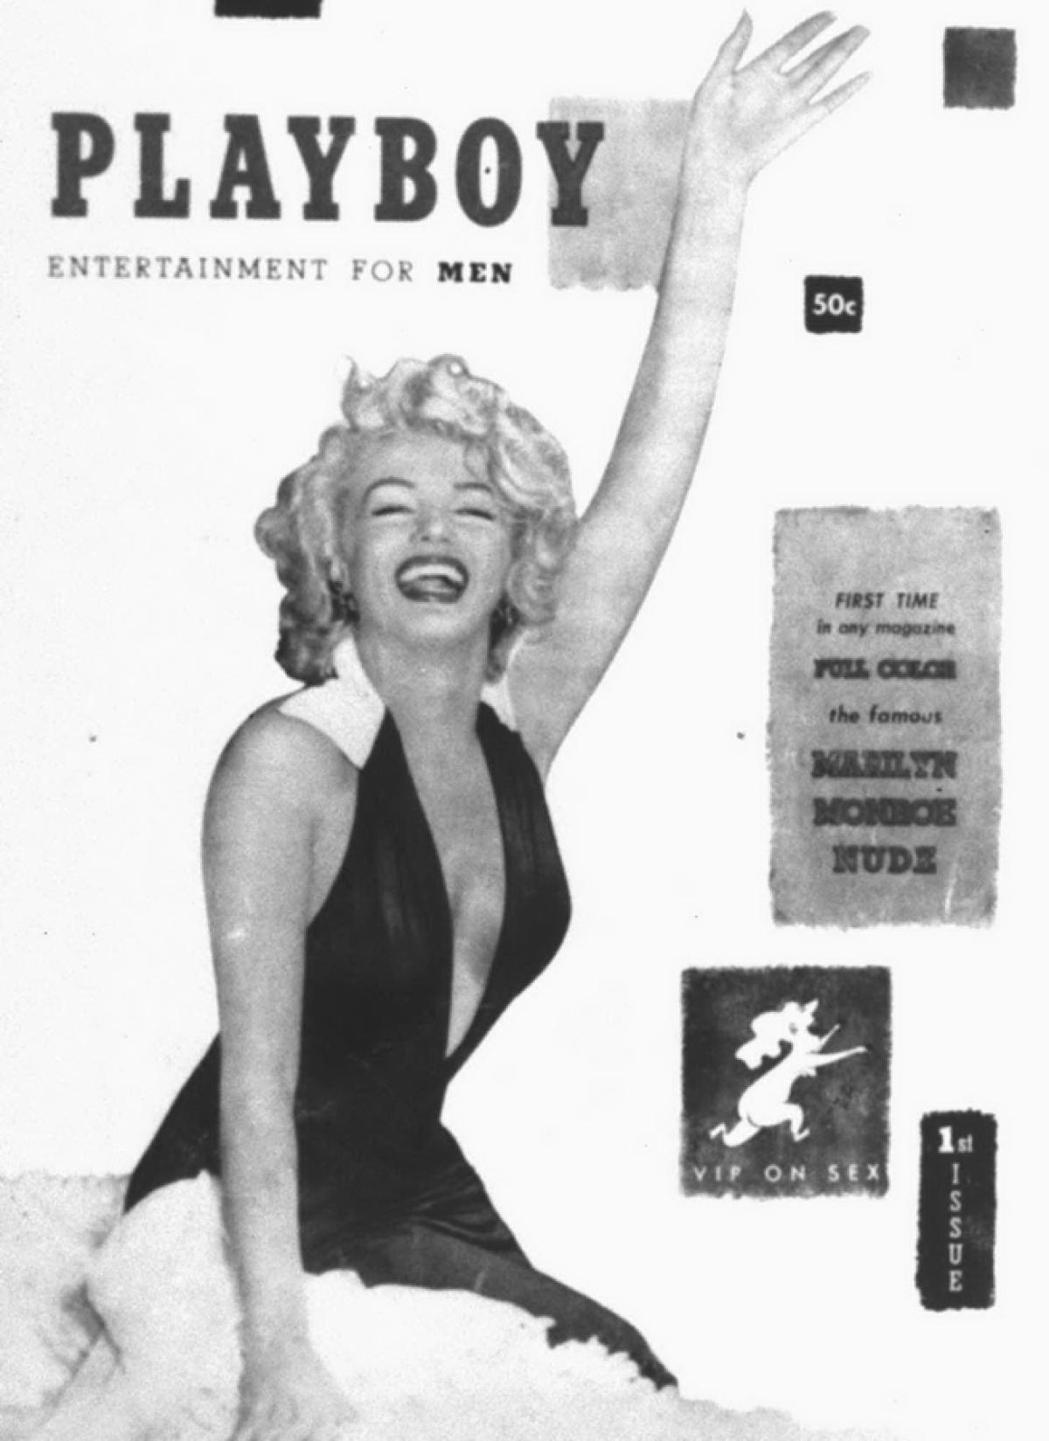 瑪麗蓮夢露是「花花公子」雜誌首期封面人物,打響第一炮。圖/摘自abc